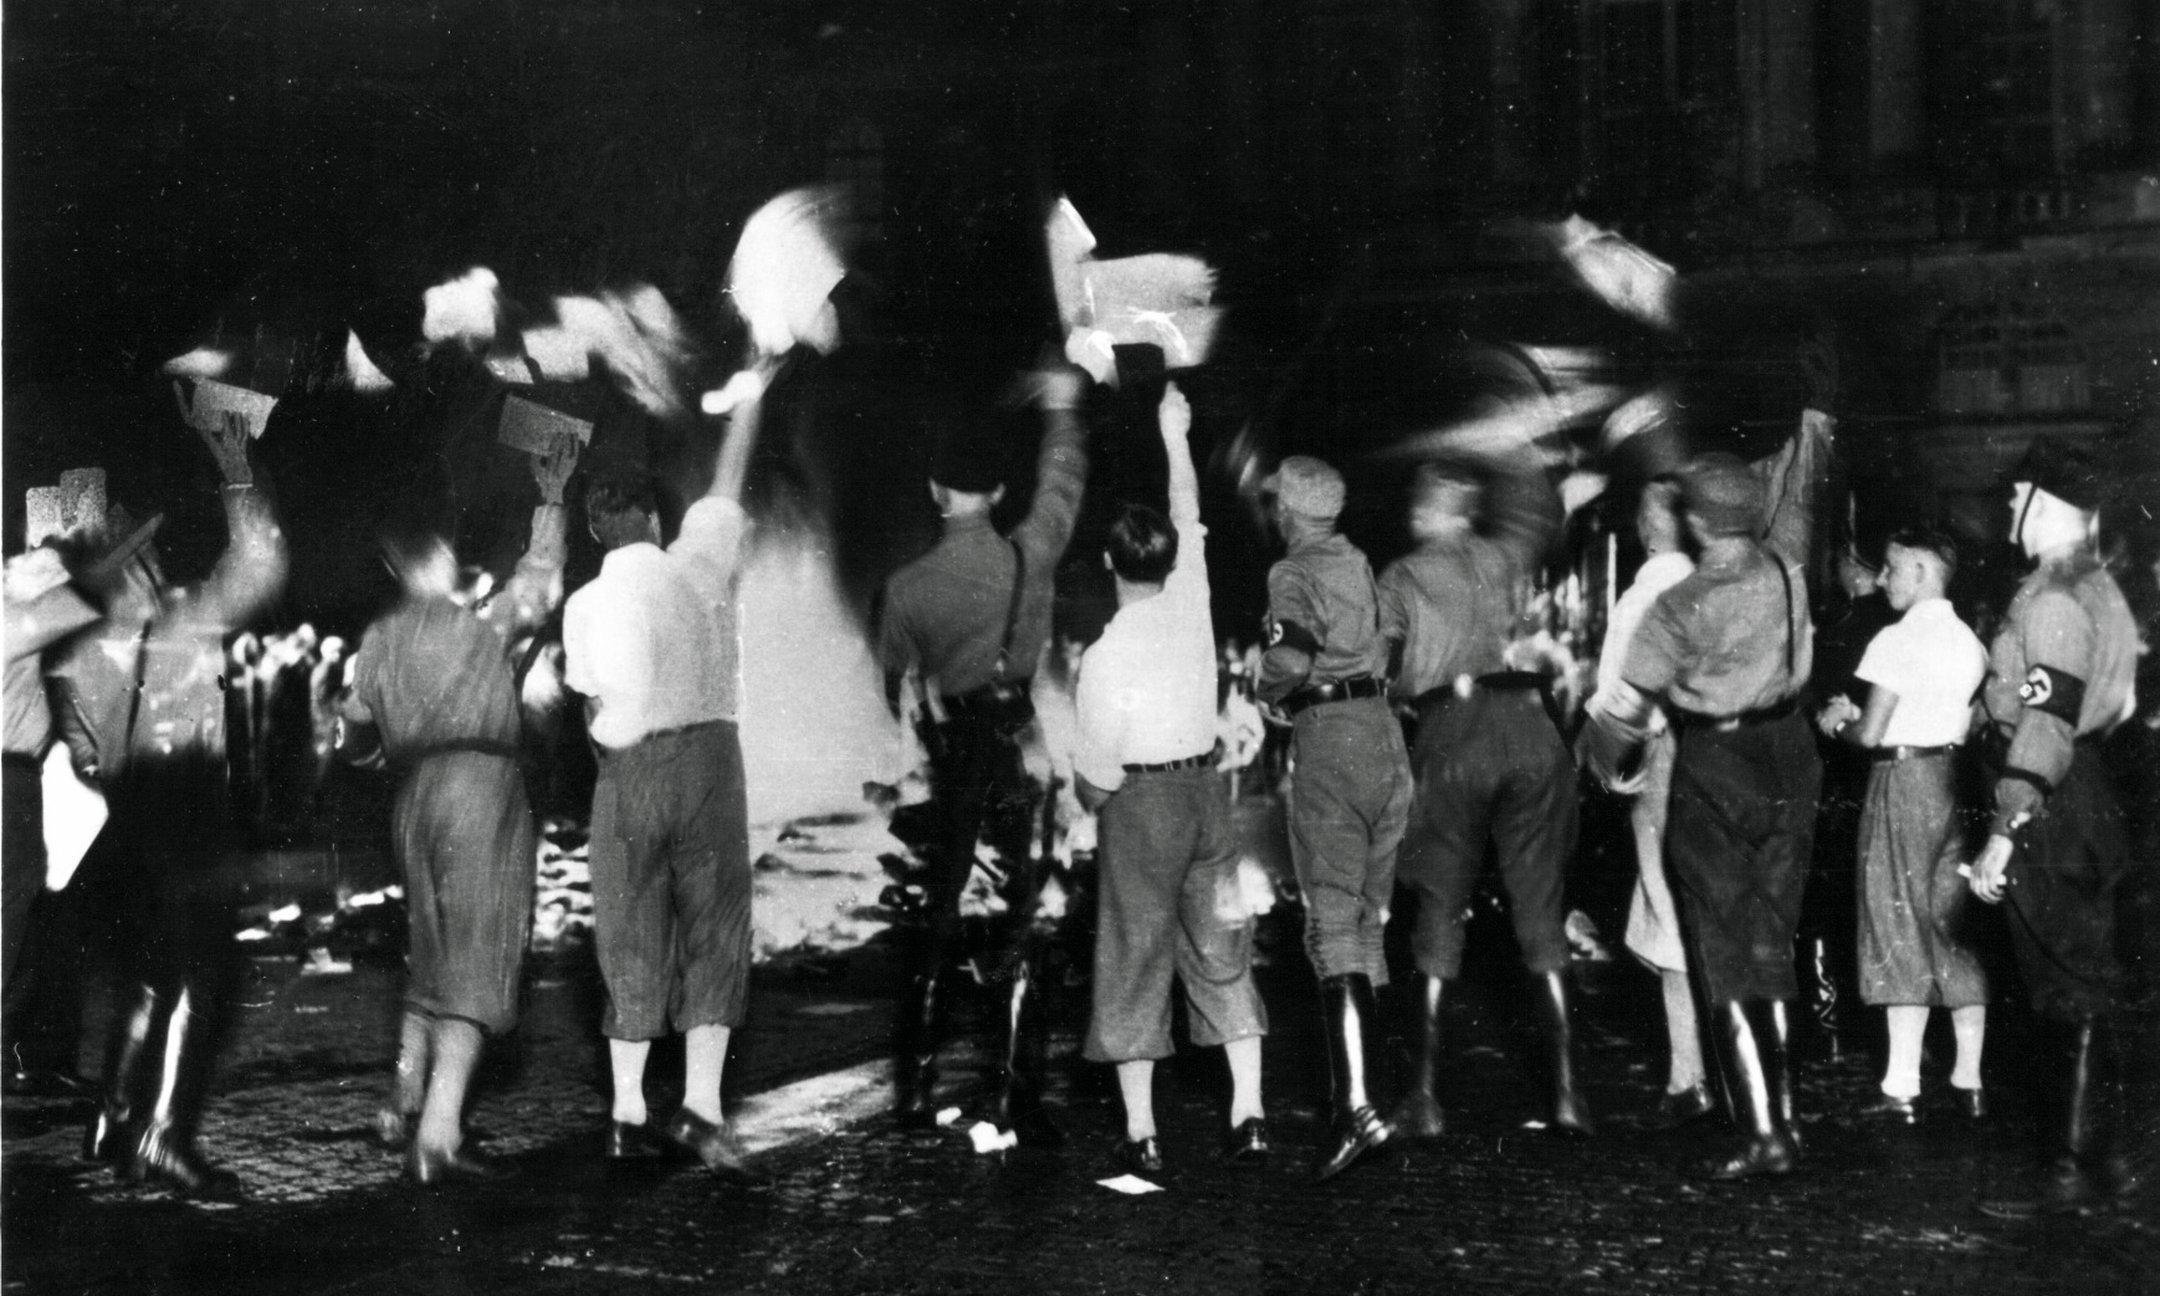 Studenten verbranden op 10 mei 1933 'on-Duitse' boeken op de Opernplatz in Berlijn. Ook in andere universiteitssteden gooiden studenten de boeken van schrijvers als Karl Marx, Sigmund Freud en Erich Maria Remarque in het vuur. Datum: 10 mei 1933.